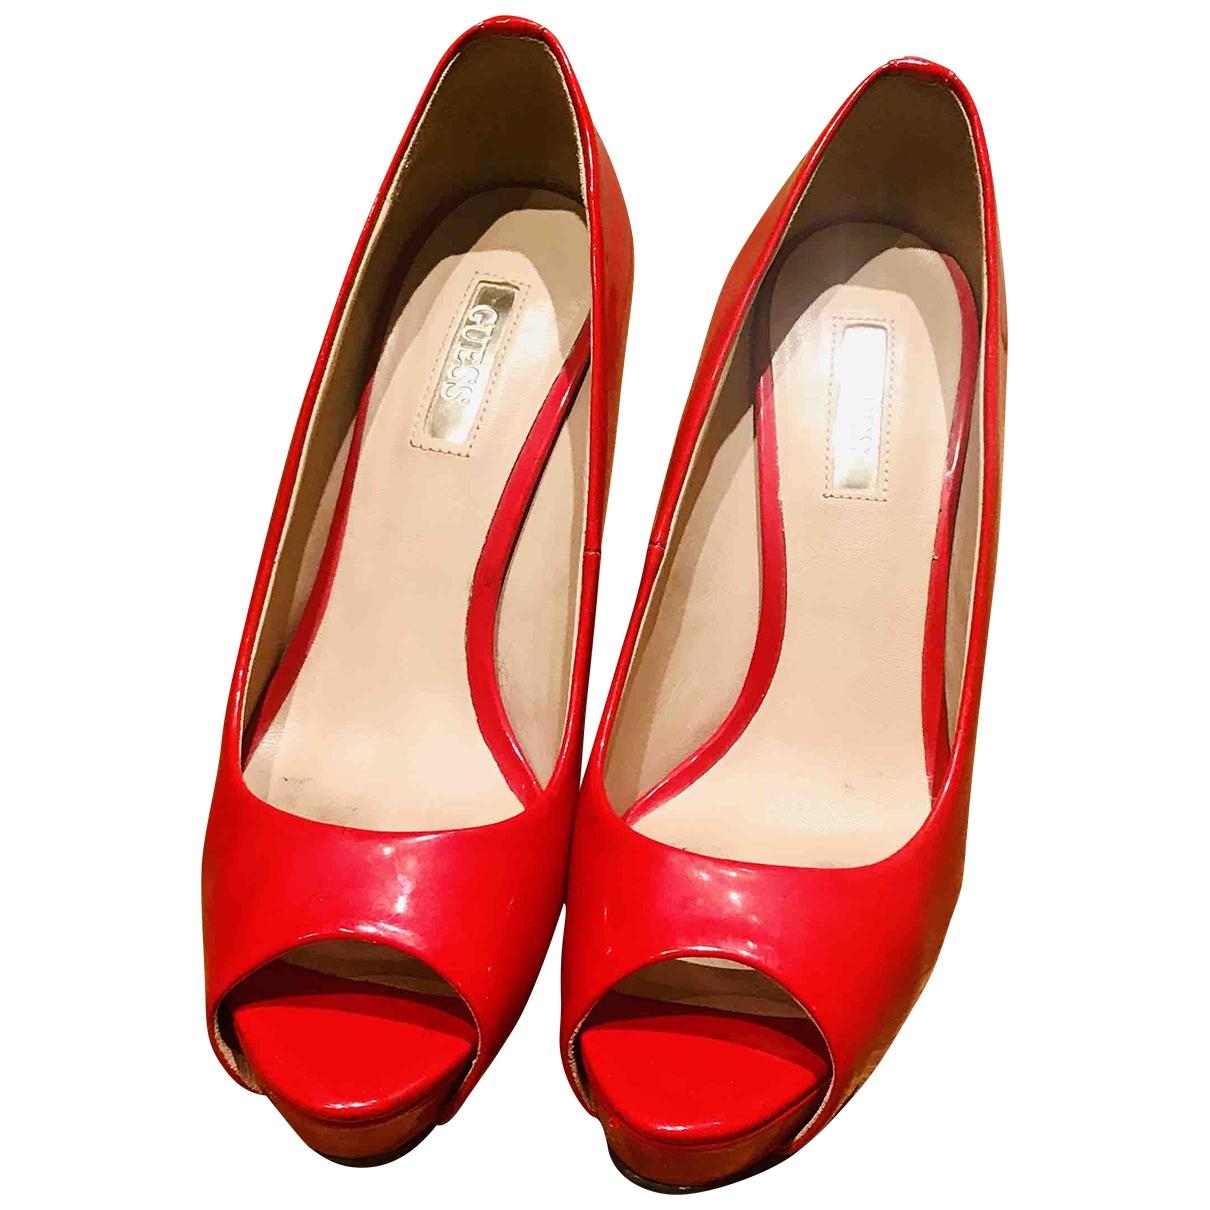 Guess - Escarpins   pour femme - rouge